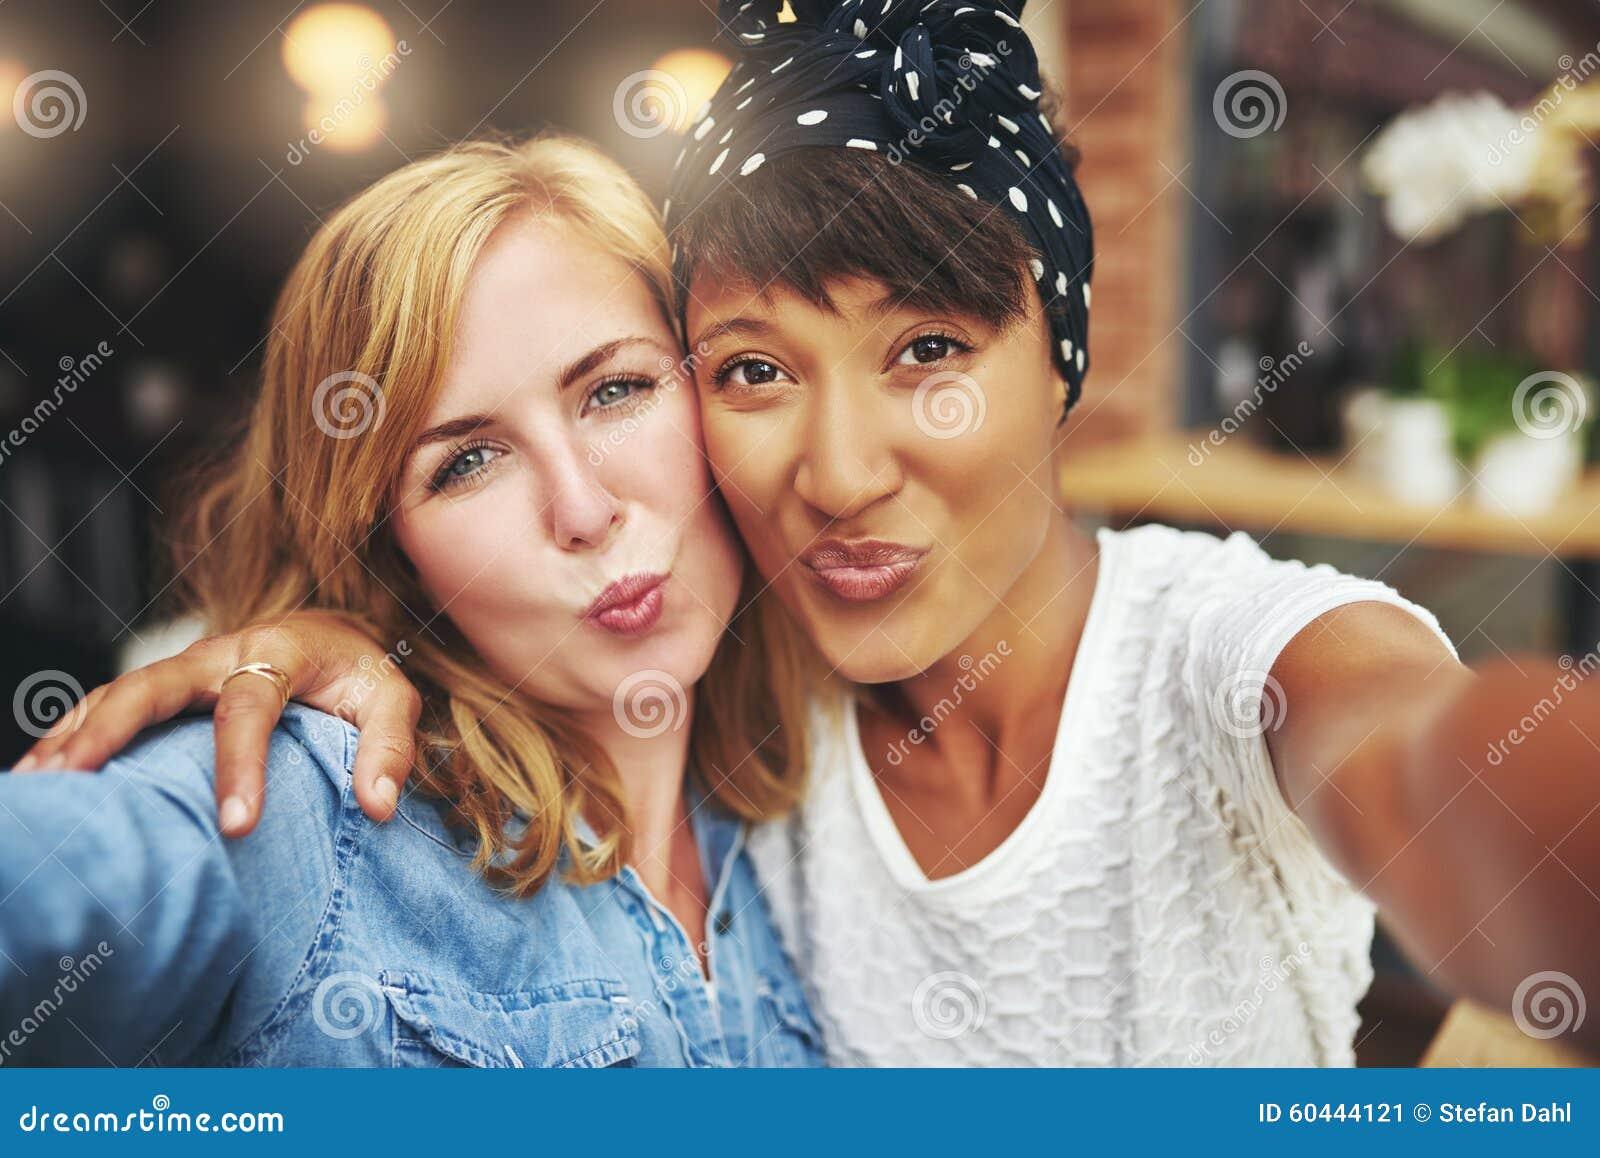 Zwei Attraktive Spielerische Frauen, Die Einen Kuss